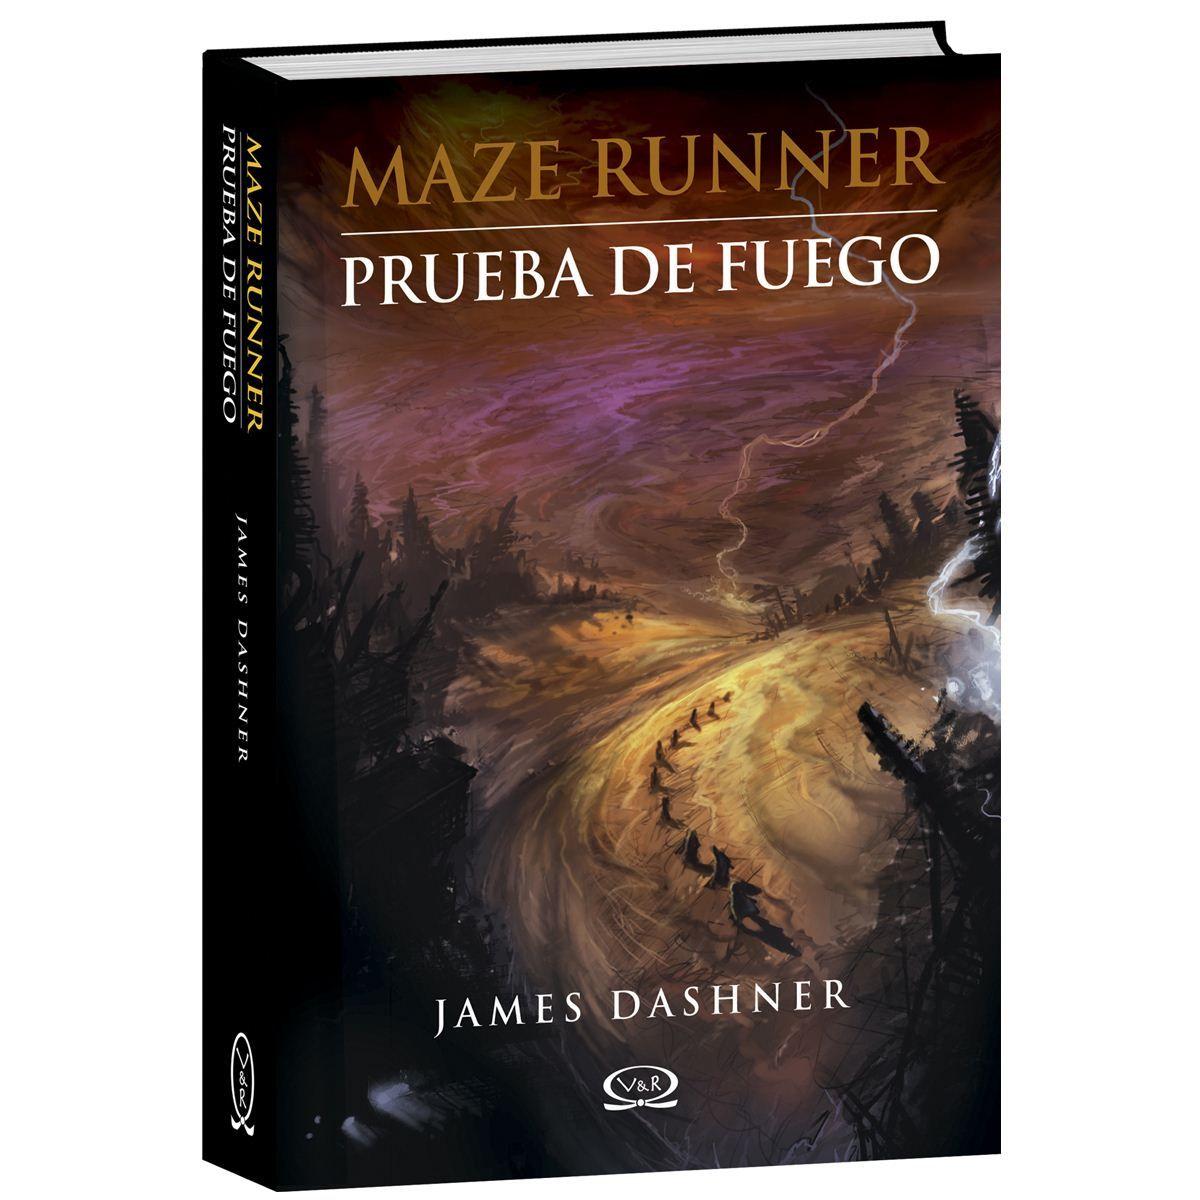 Maze Runner Libro 2 Prueba De Fuego Pdf Online Libros De Maze Runner Prueba De Fuego Novelas Gráficas